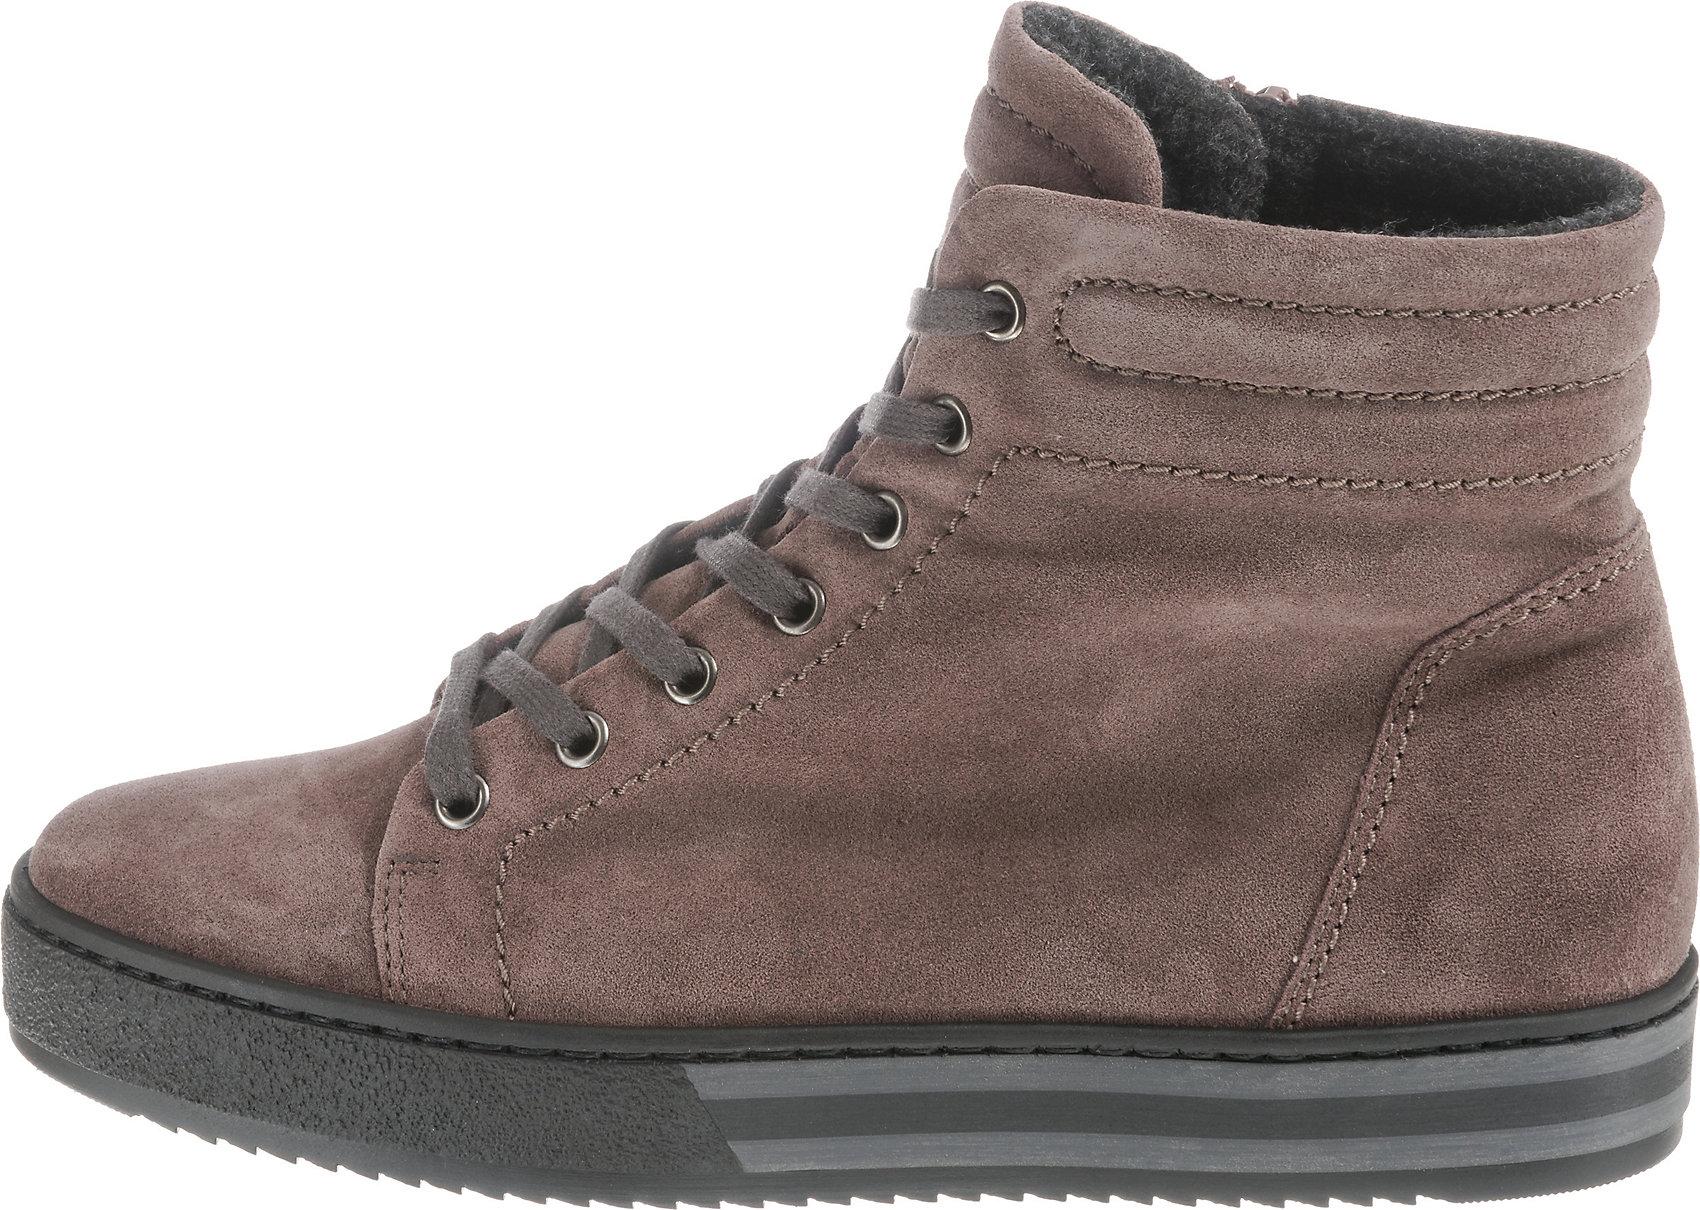 Gabor Für 8828134 Braun Damen Neu Sneakers High 7wq8fzzd